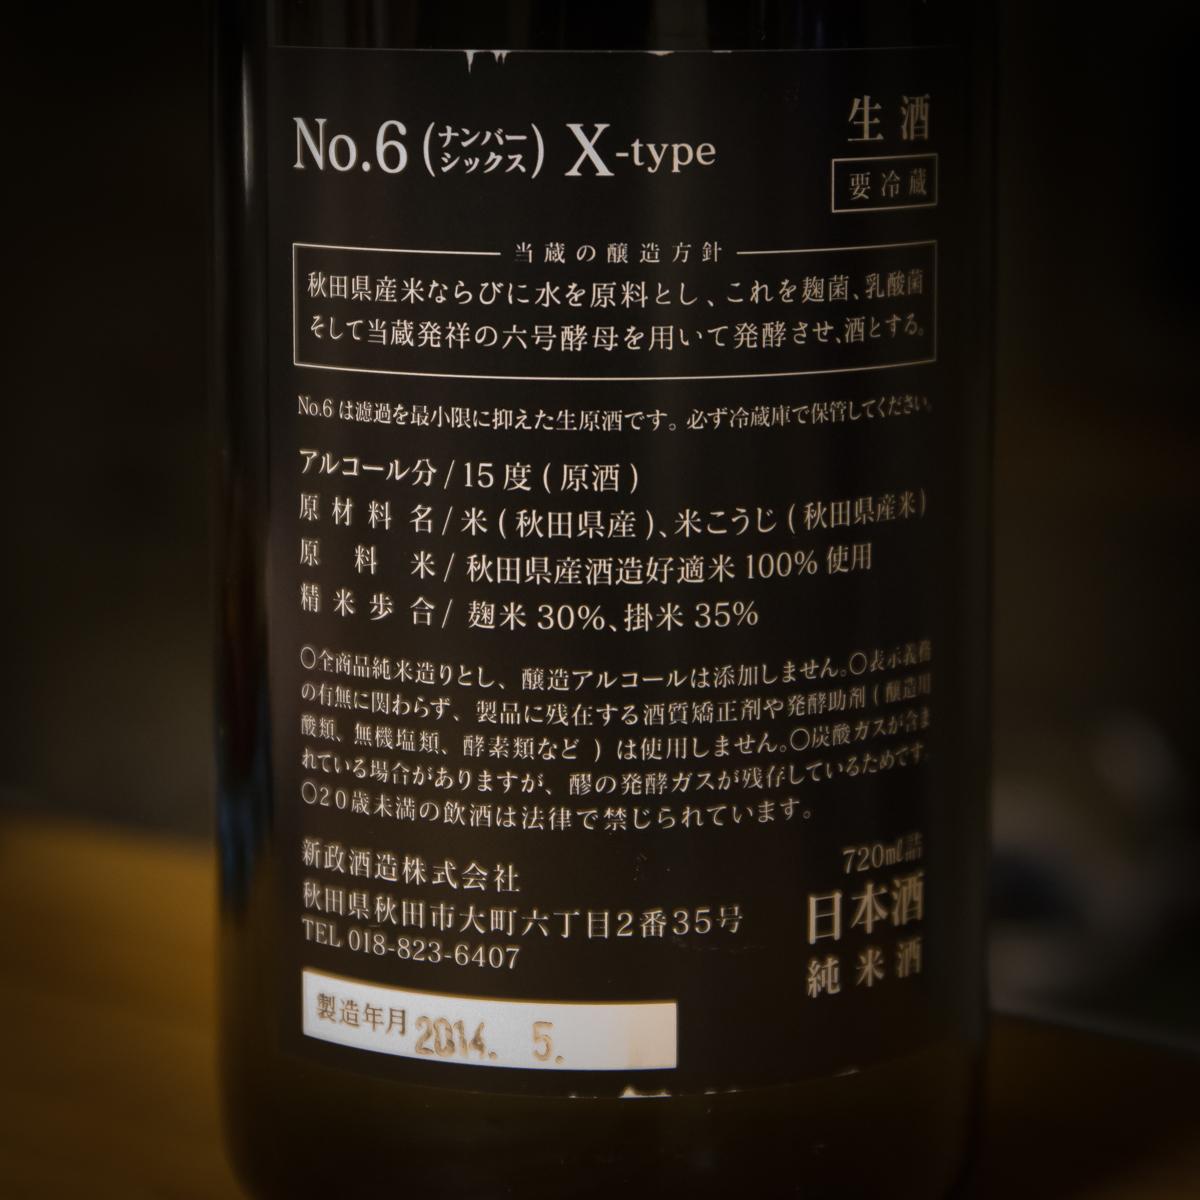 新政 No.6 X-type(4)